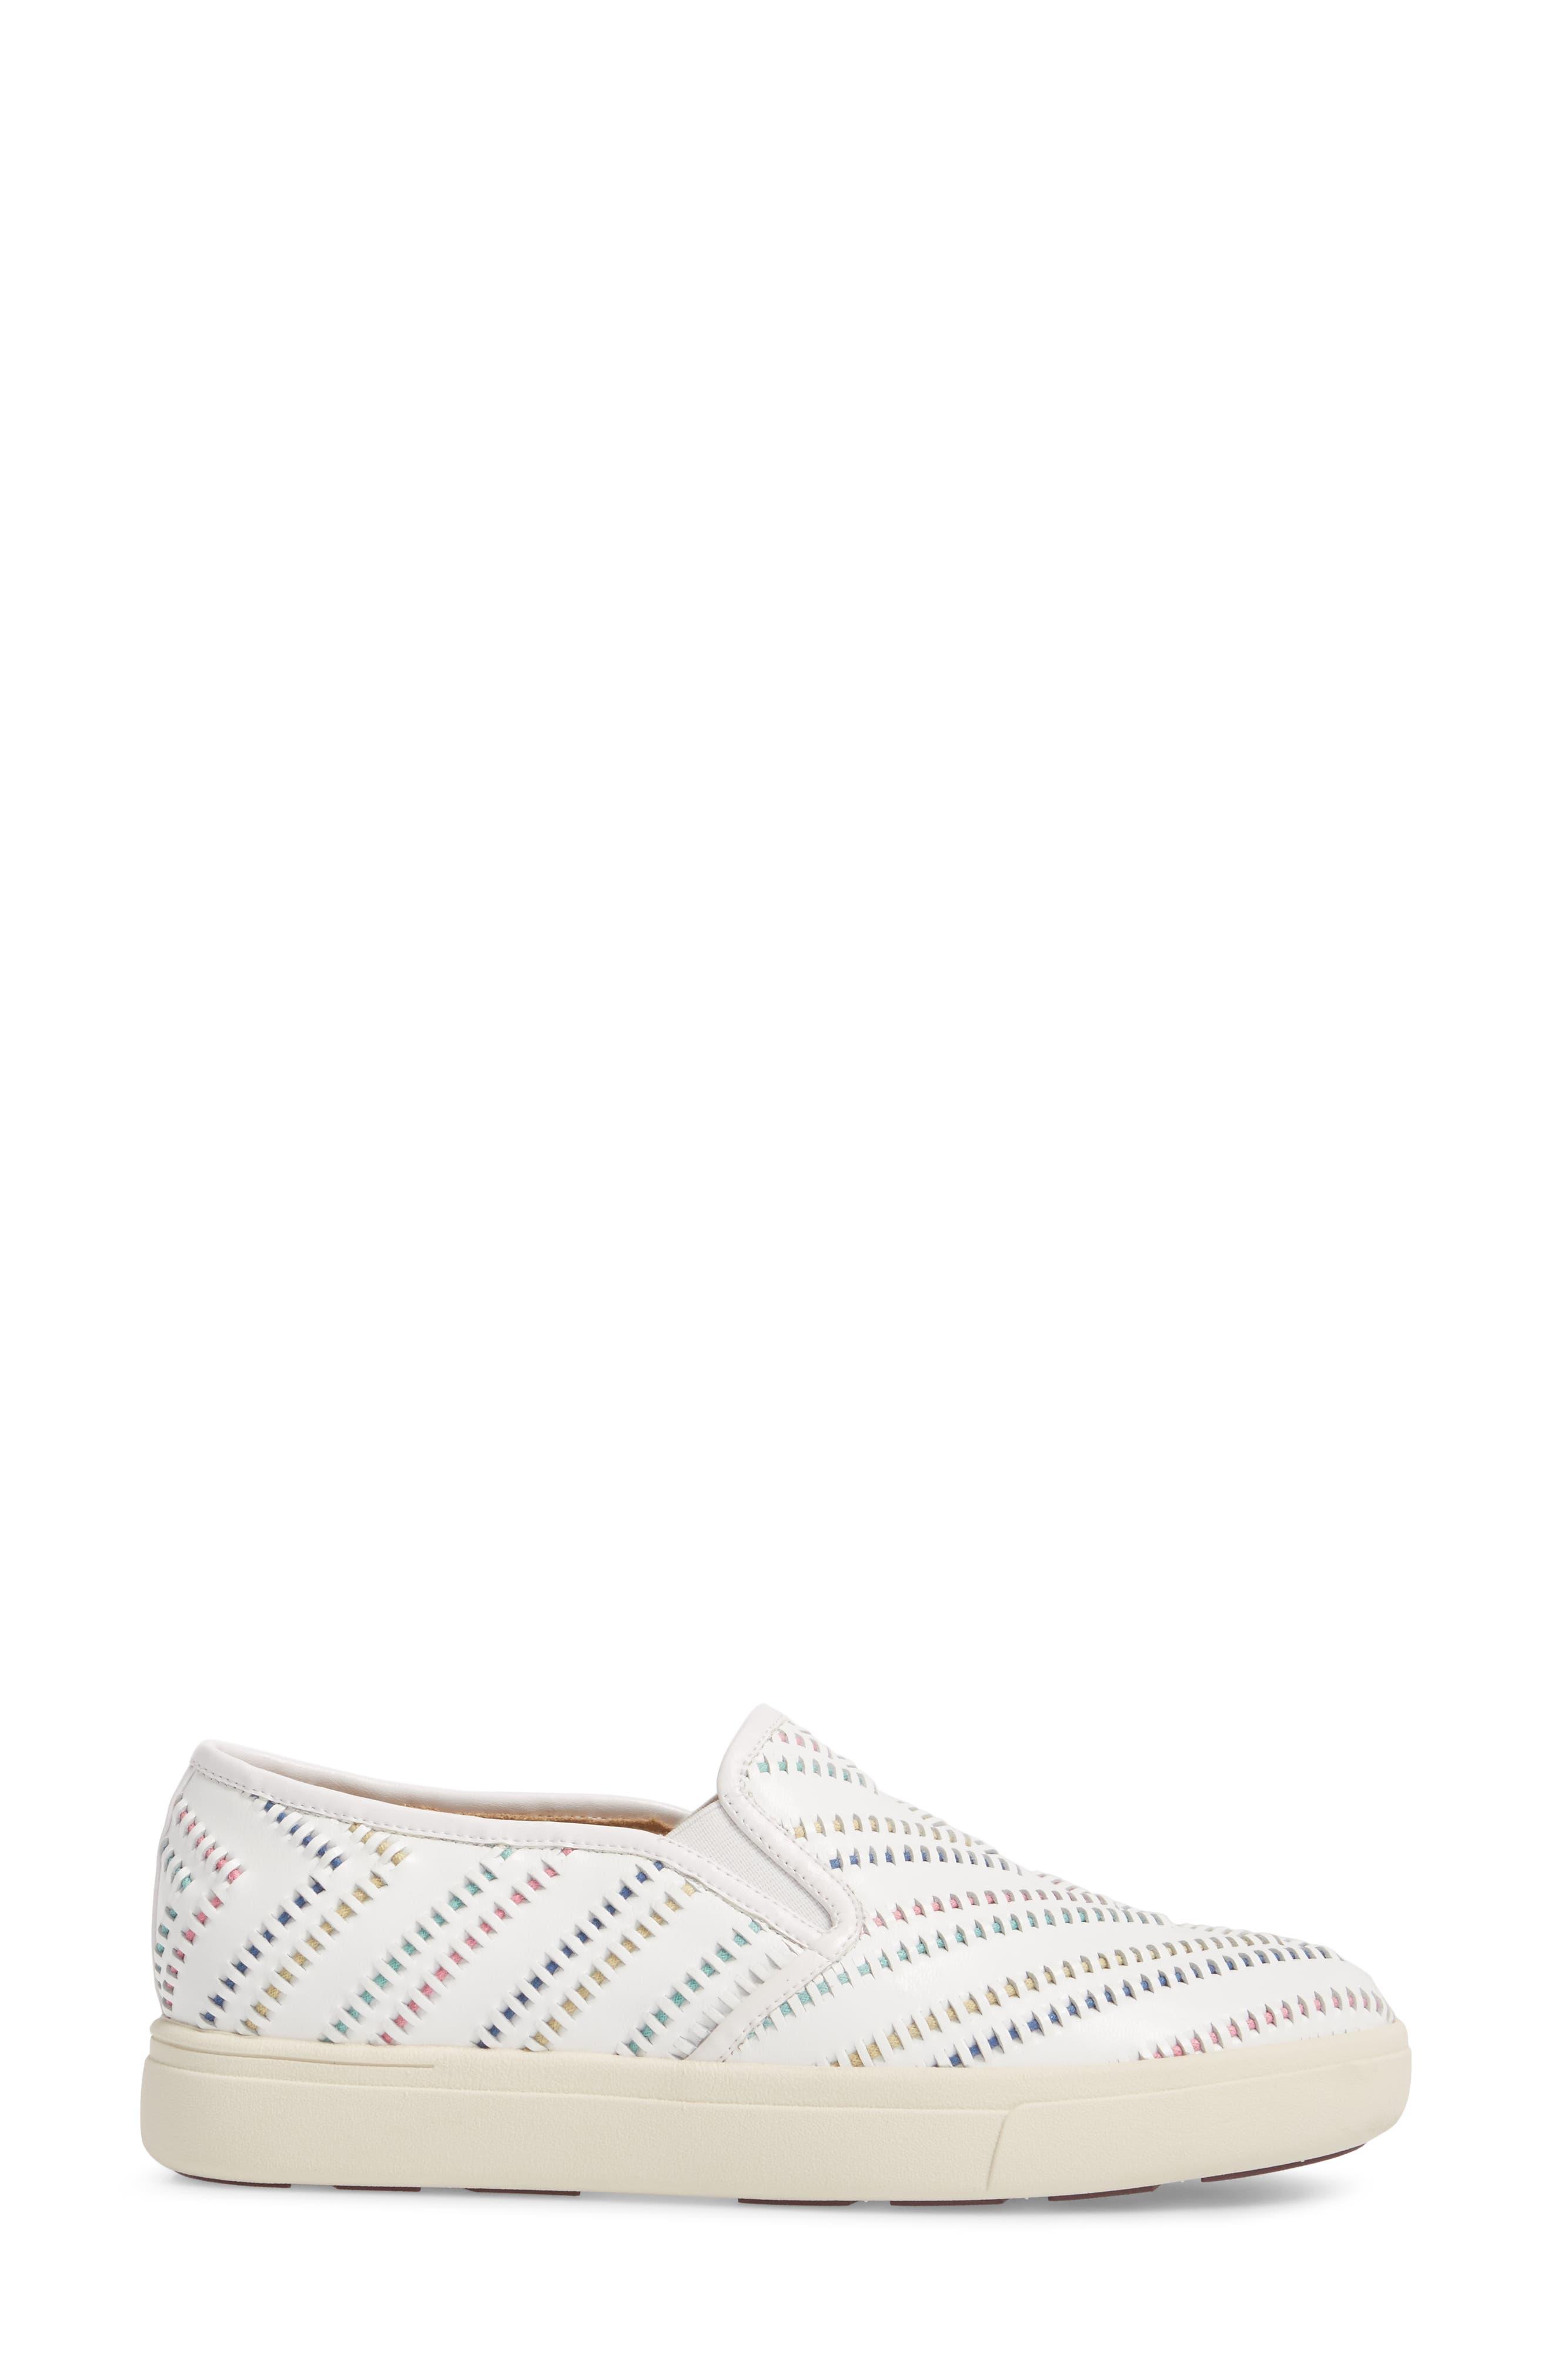 Ocean Slip-On Sneaker,                             Alternate thumbnail 3, color,                             White Leather